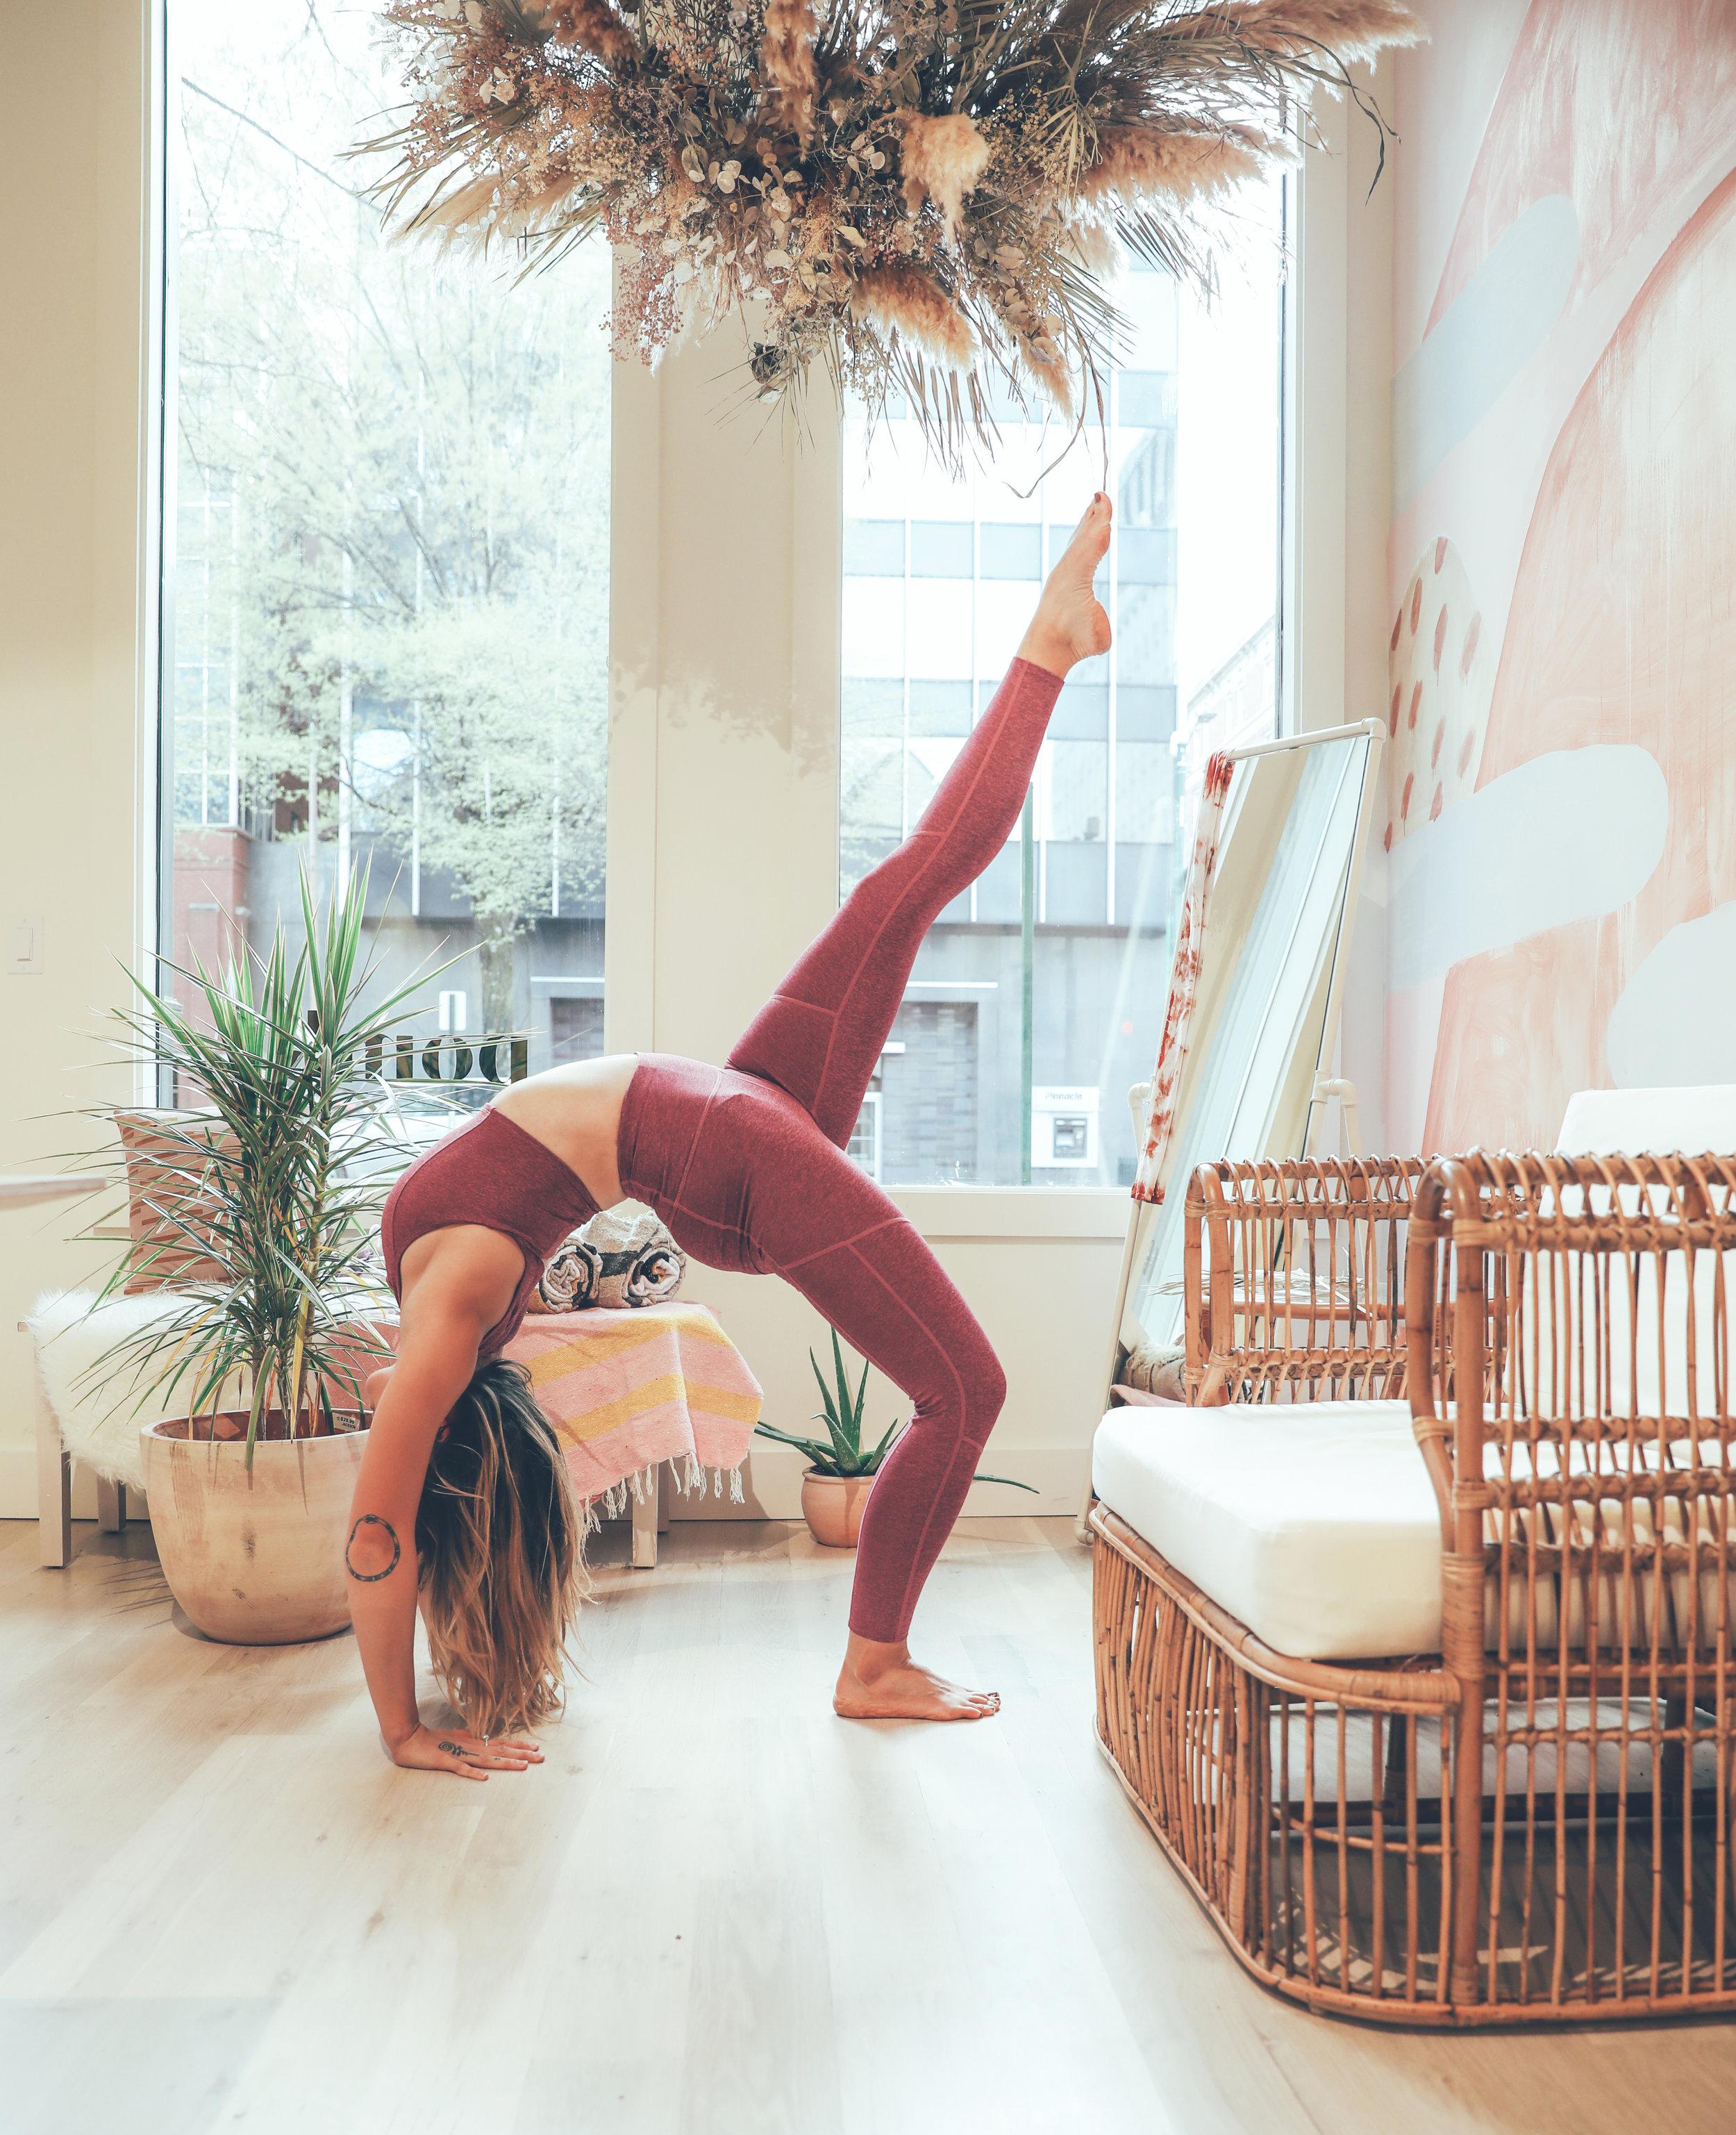 Margie_yoga_POMKT_009.jpg